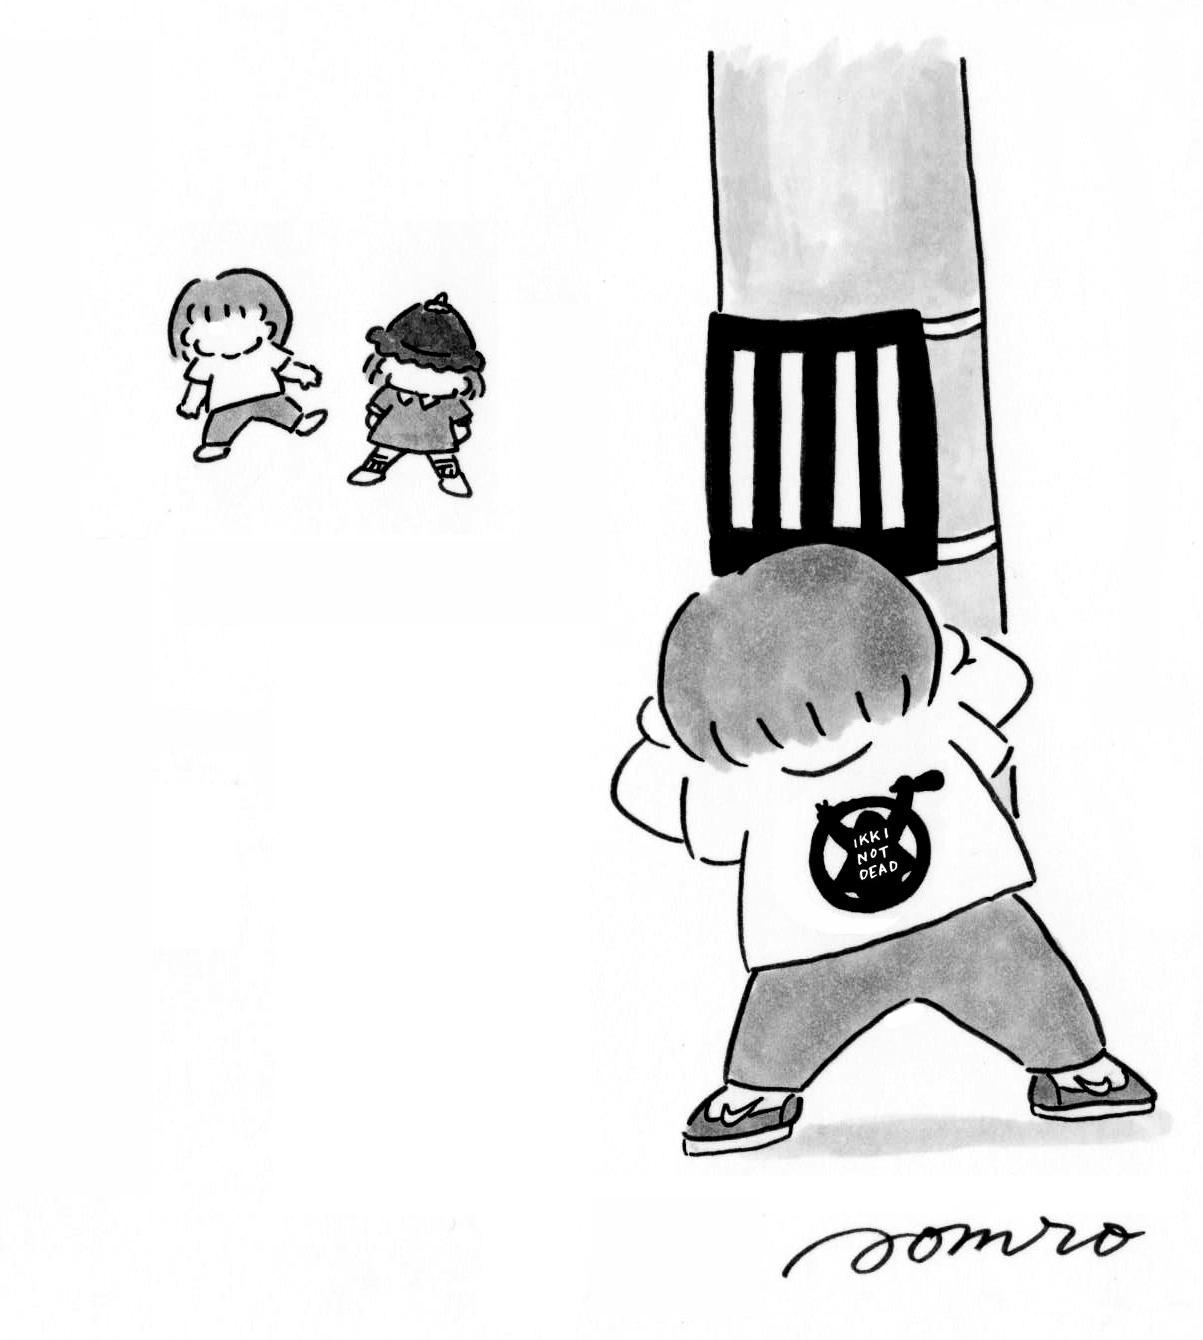 子育てをお父さんの視点から描き共感呼ぶ漫画家 <br />「漫画の形にすればつらい出来事も昇華させられる」